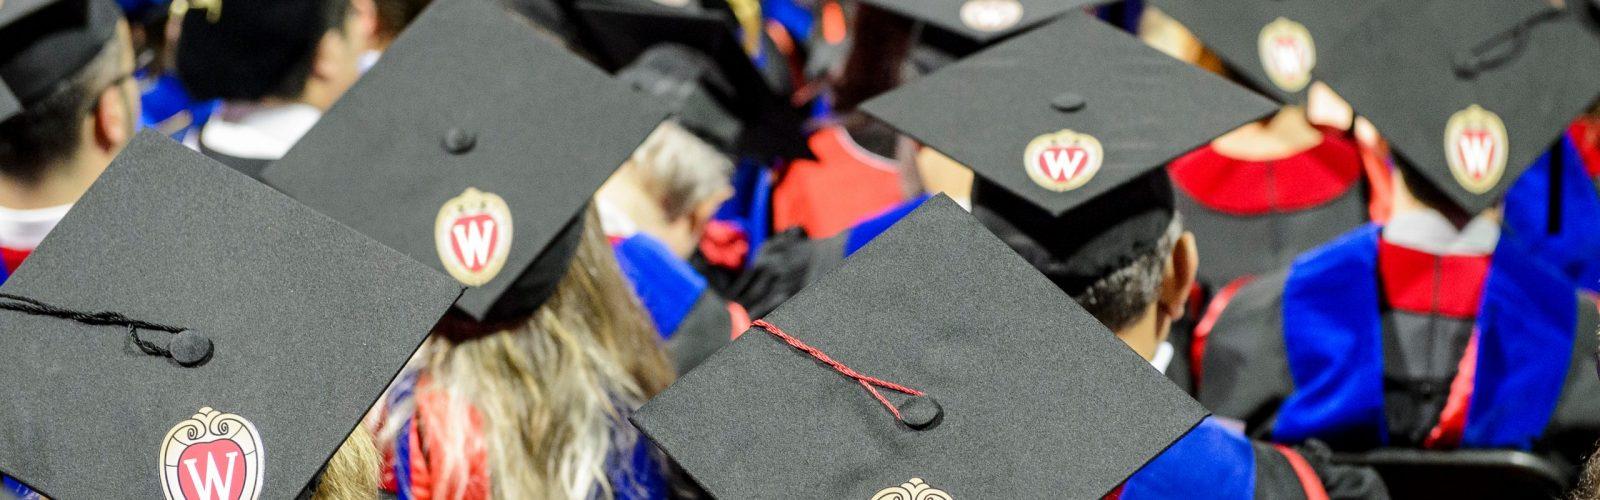 focus on graduation caps in a crowd of graduates